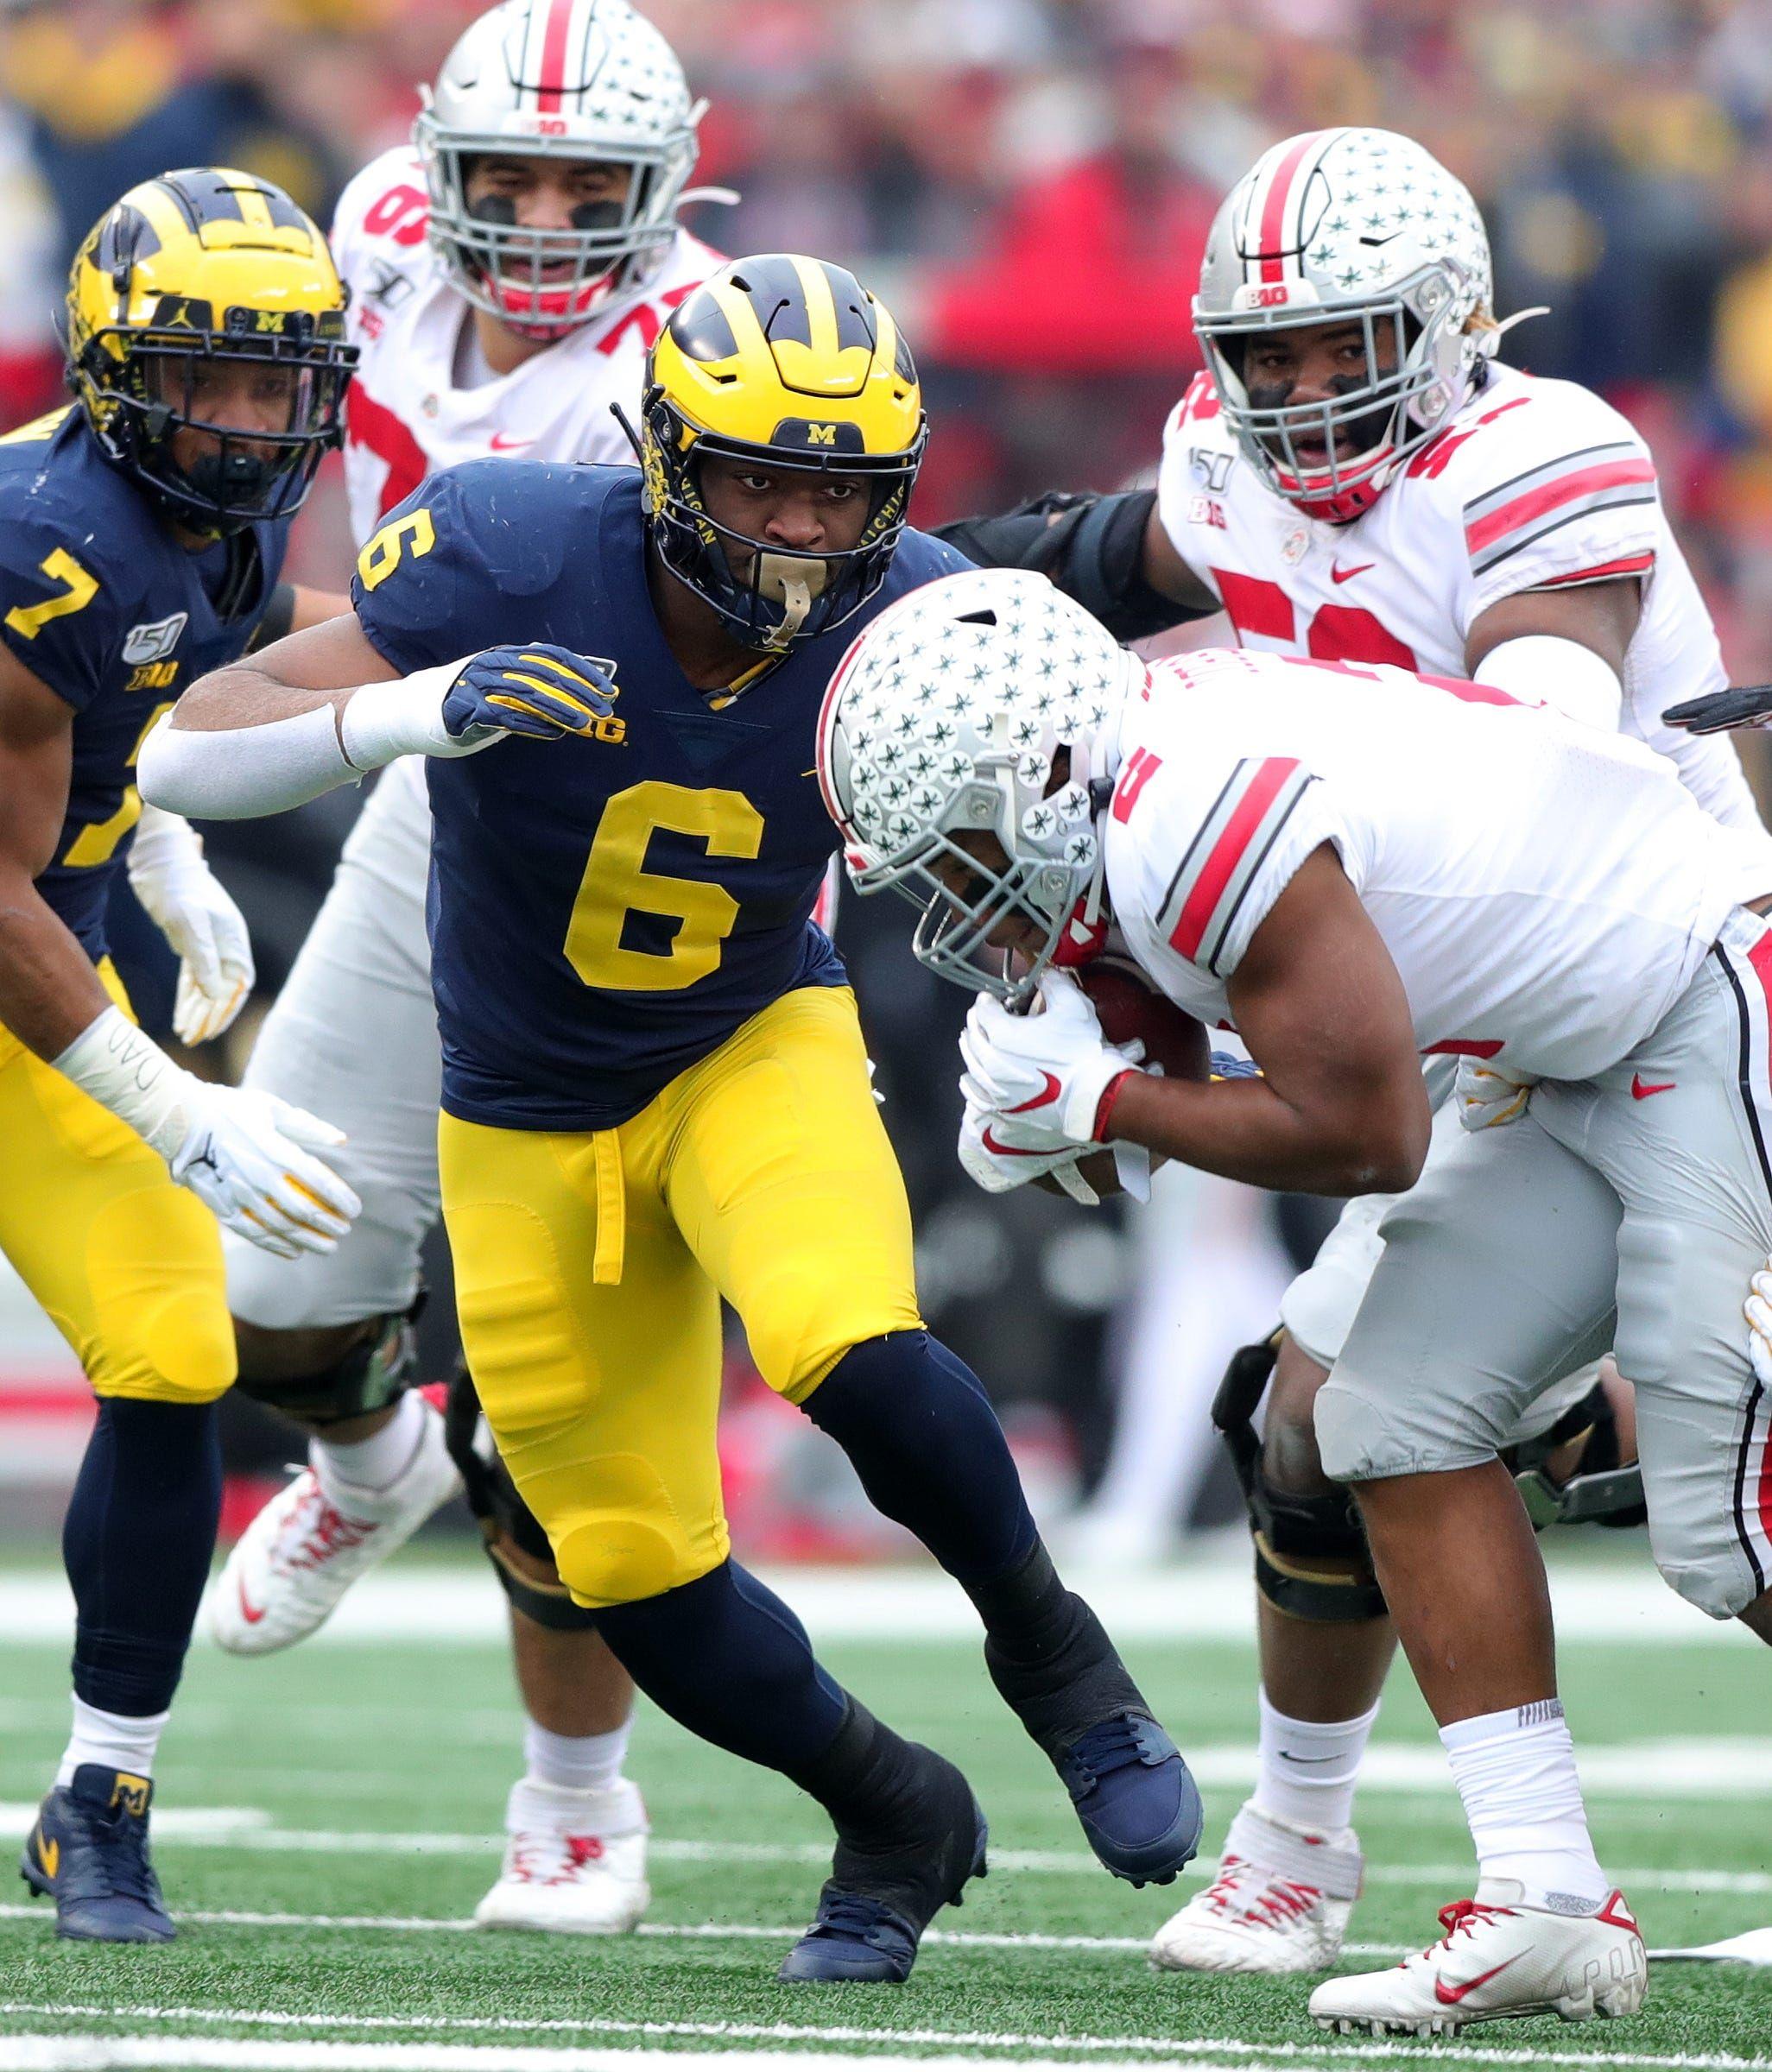 Michigan football's star passrusher Josh Uche heading to